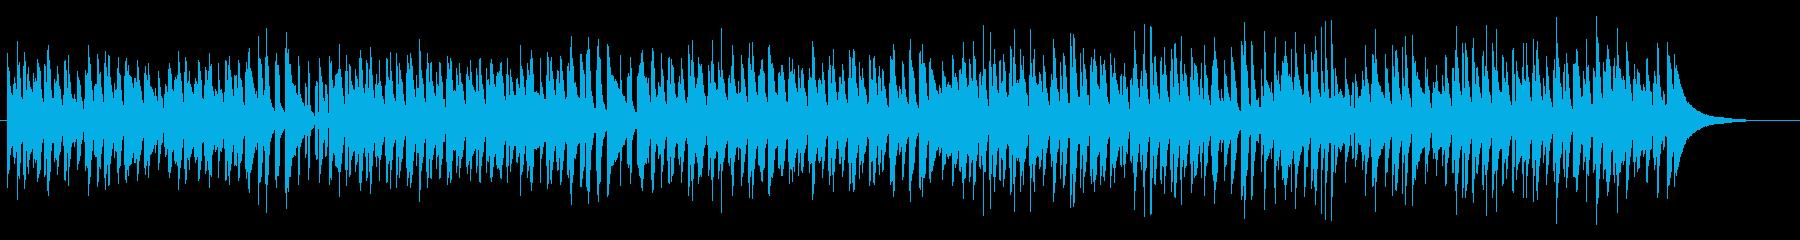 ほのぼの可愛いキッズ向けポップスの再生済みの波形